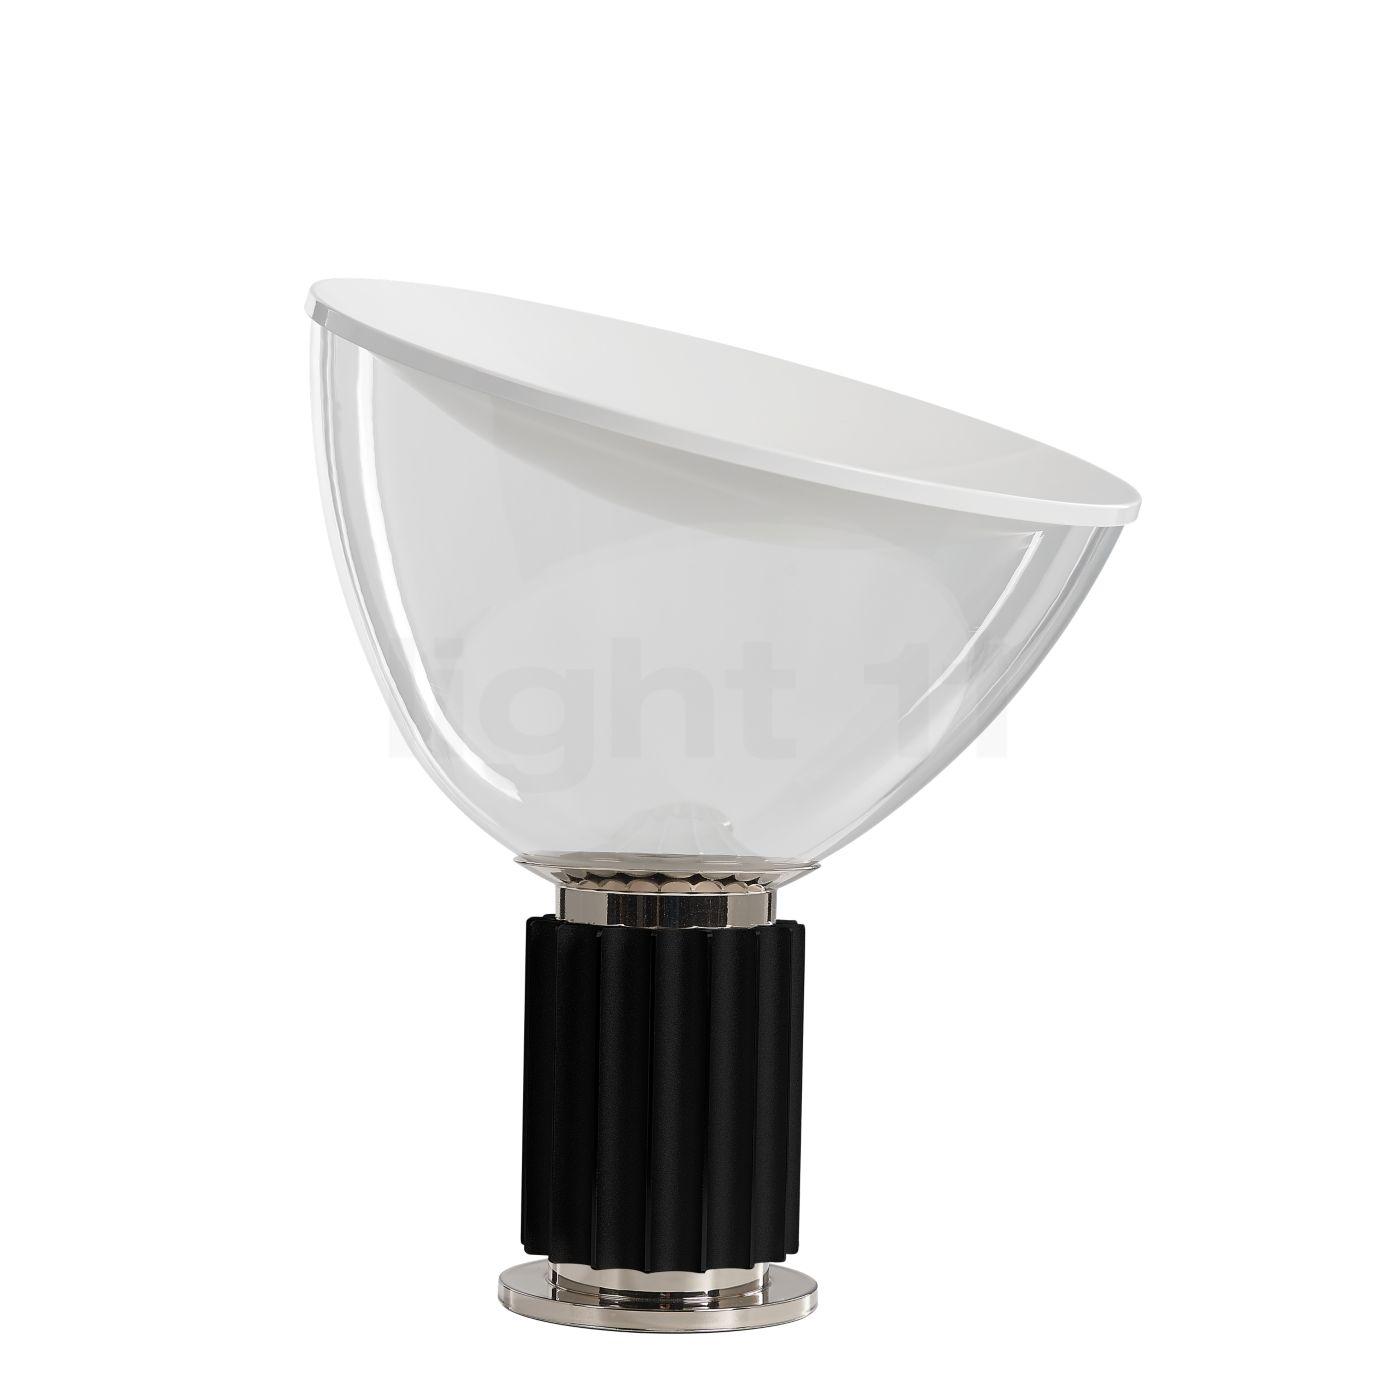 Flos taccia small led lampe de table en vente sur for Taccia flos